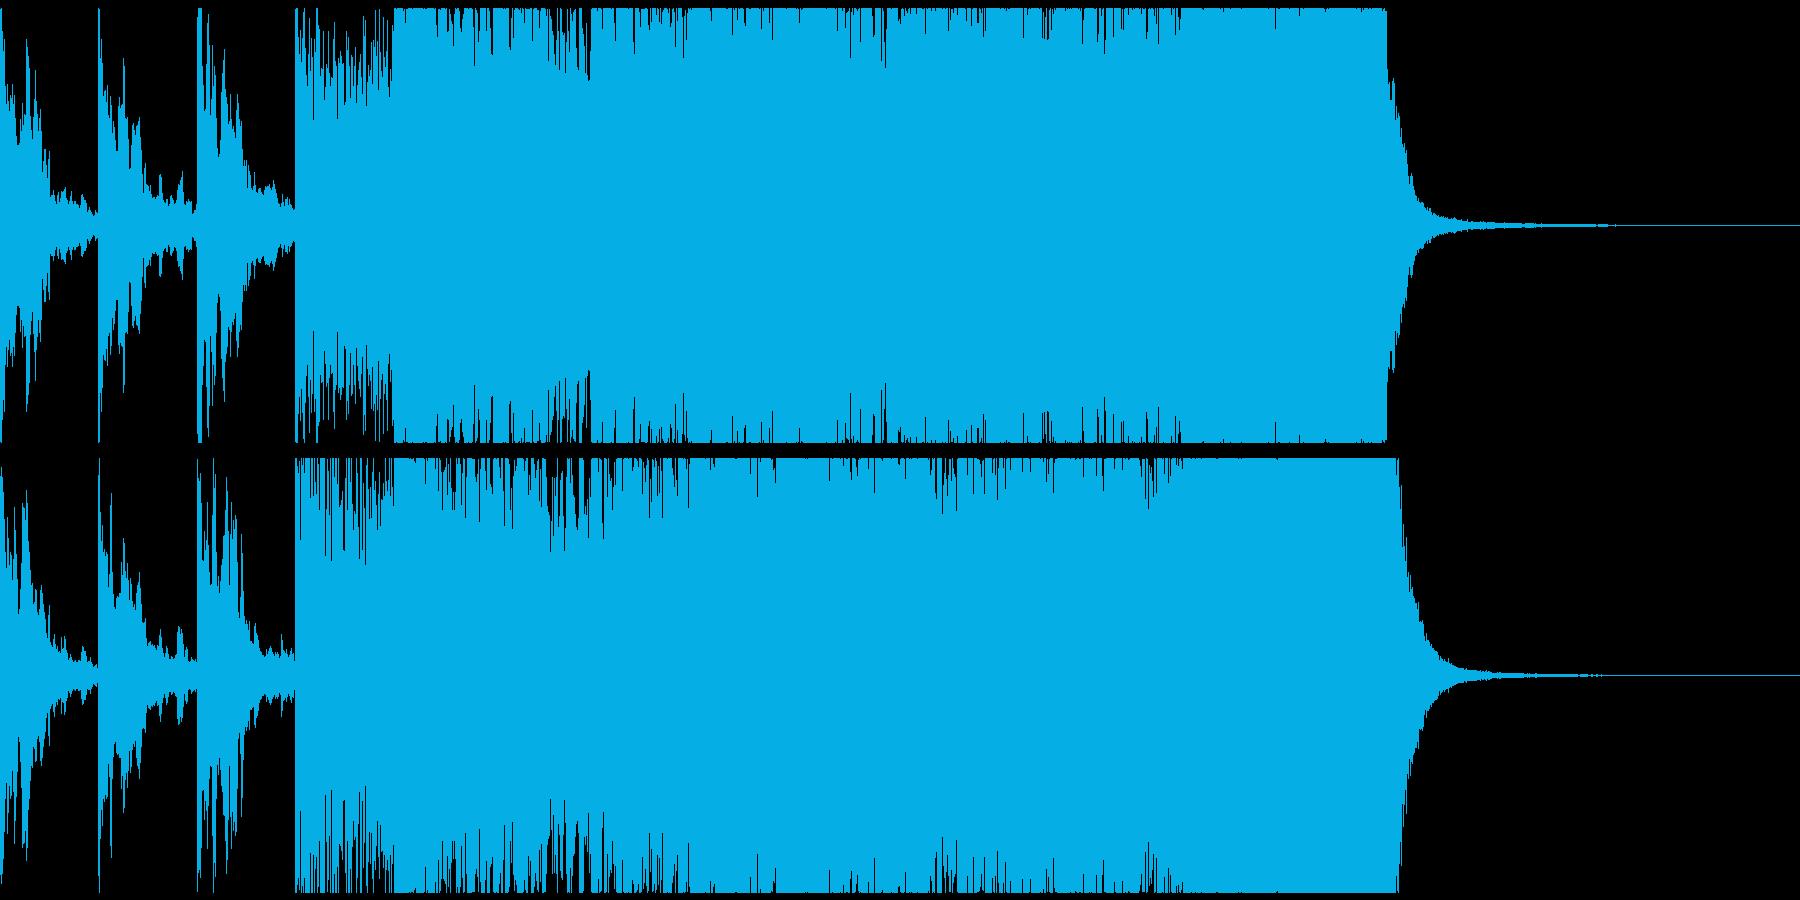 ストリングスとピアノが印象的な曲の再生済みの波形